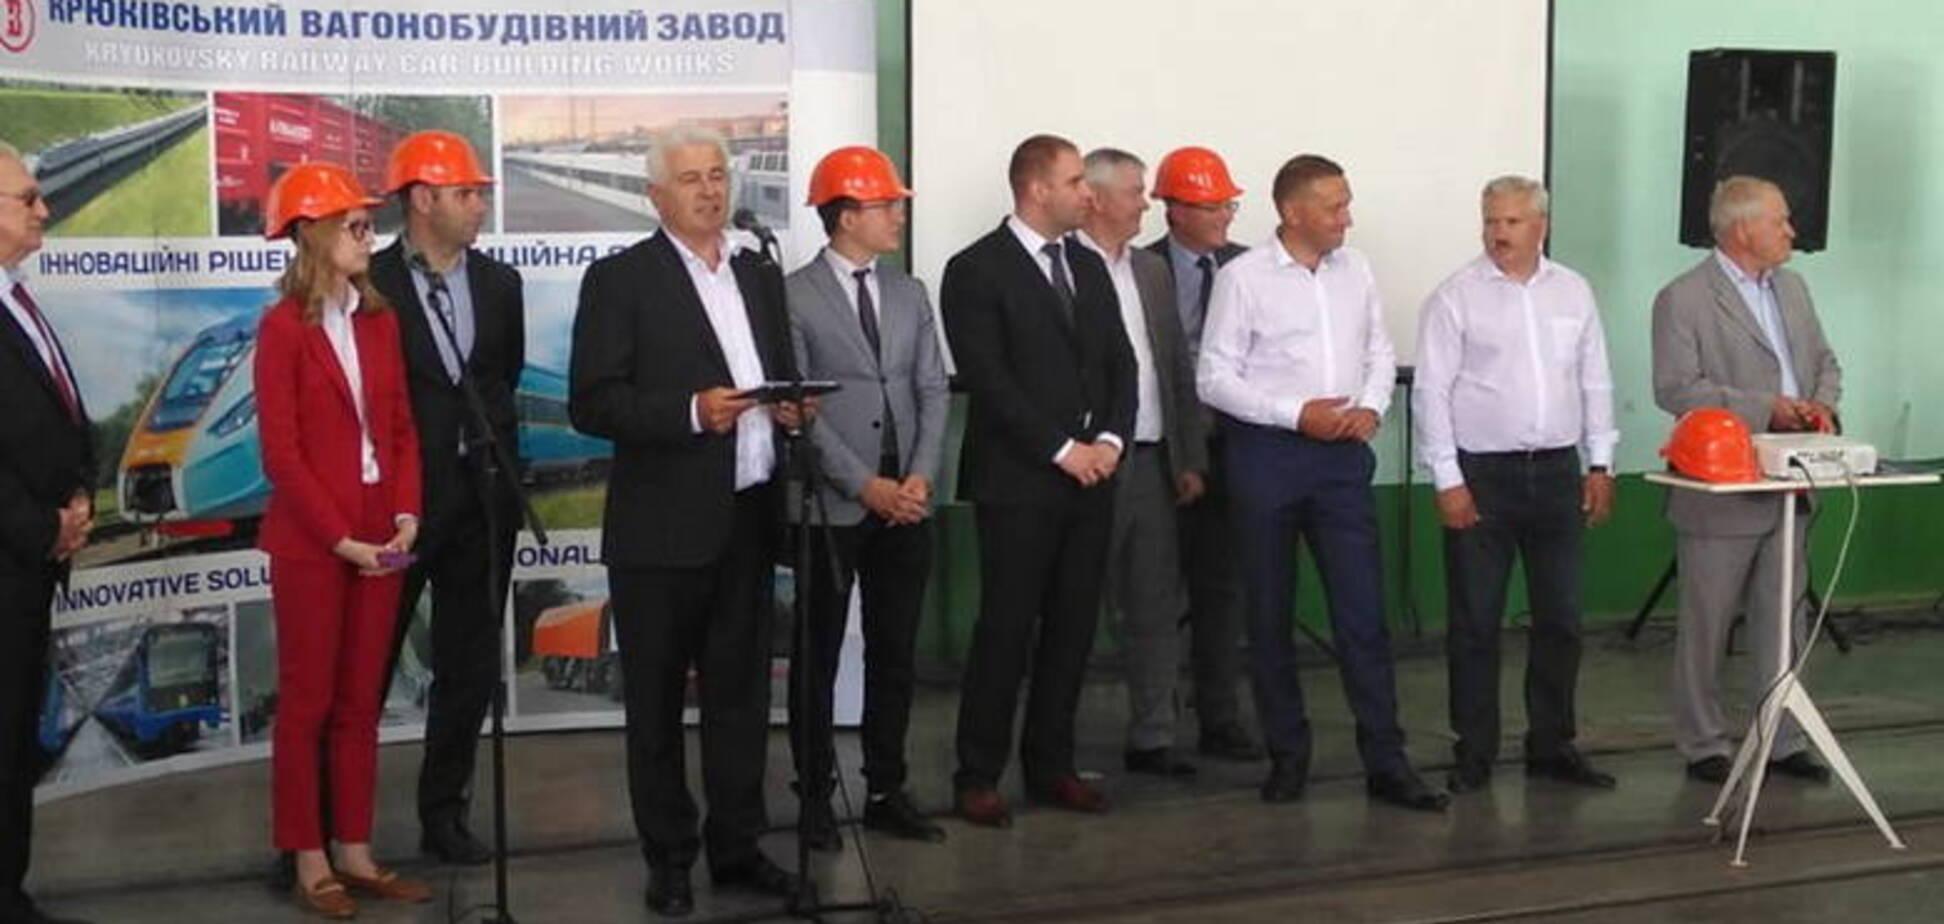 У Кременчуці презентували законопроєкт про підтримку машинобудування (фото: ФРУ)